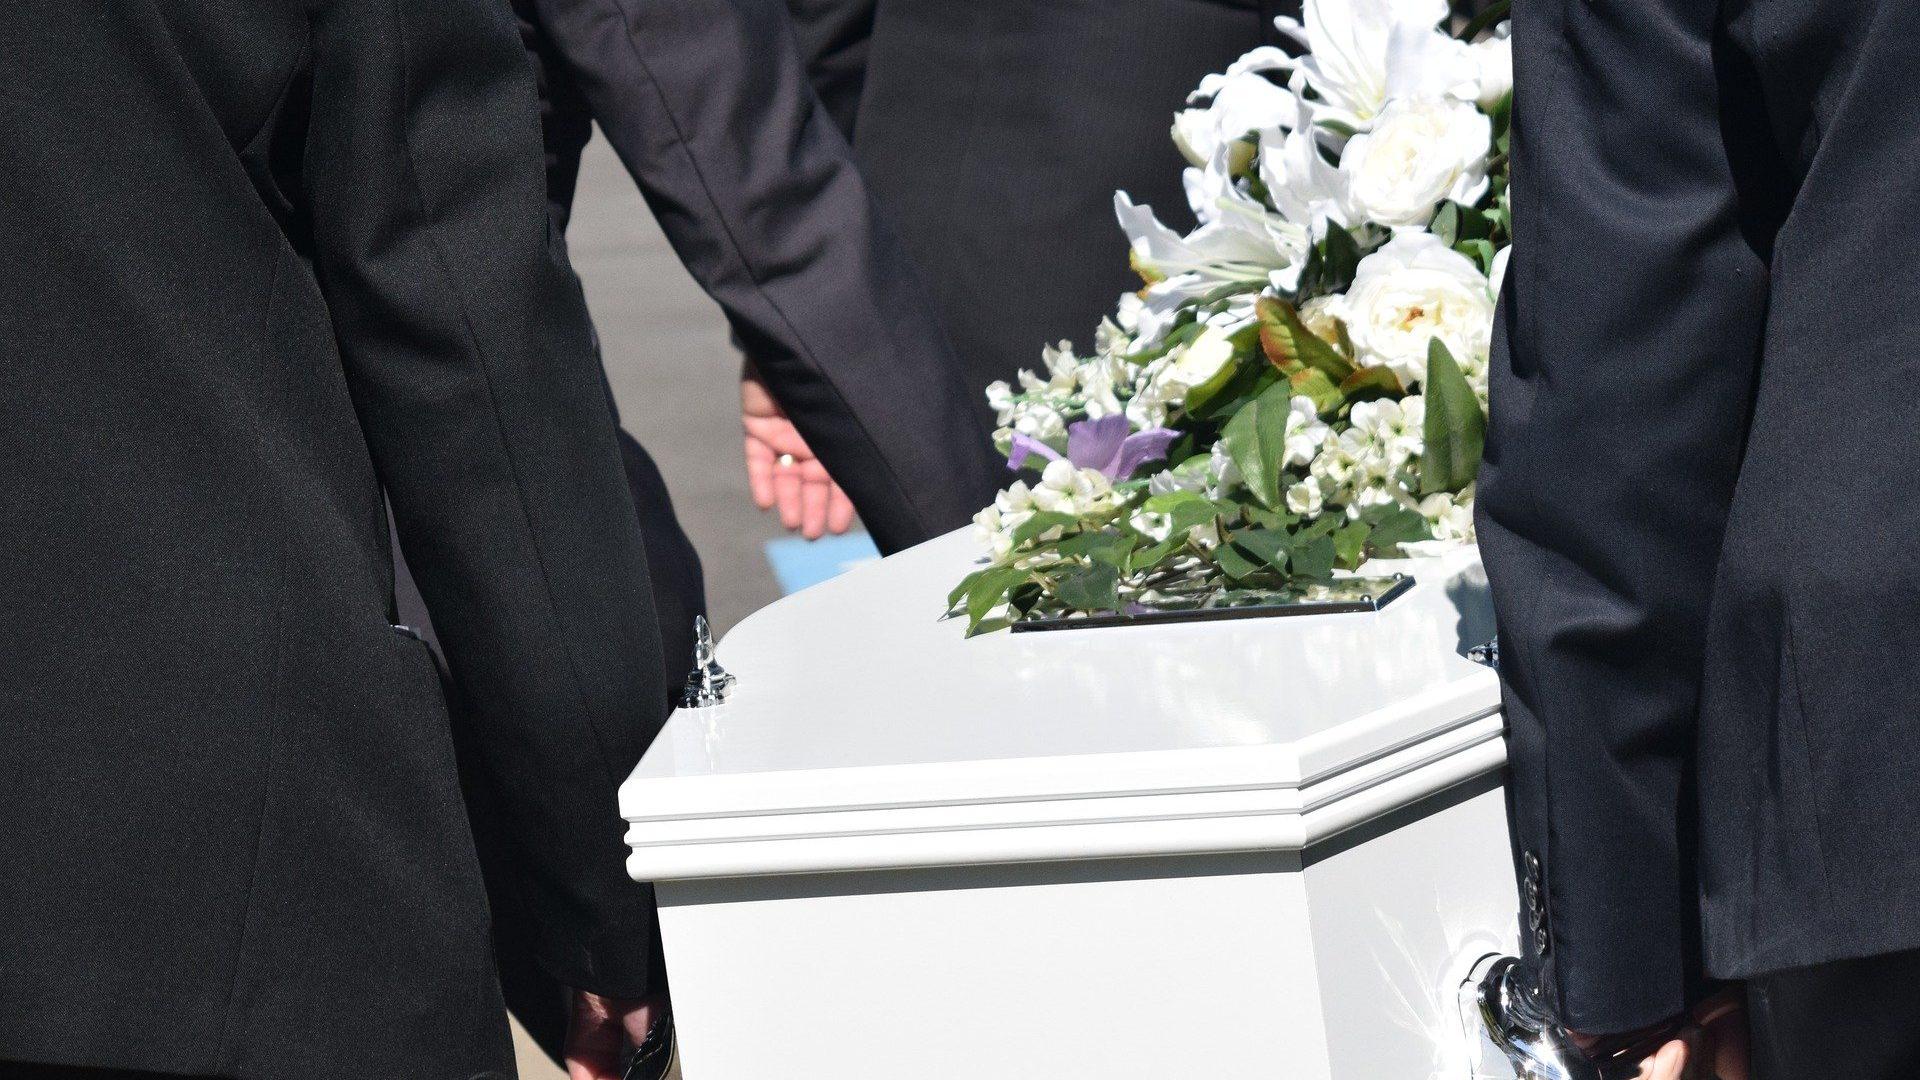 Funérailles - La Société des Crématoriums de France